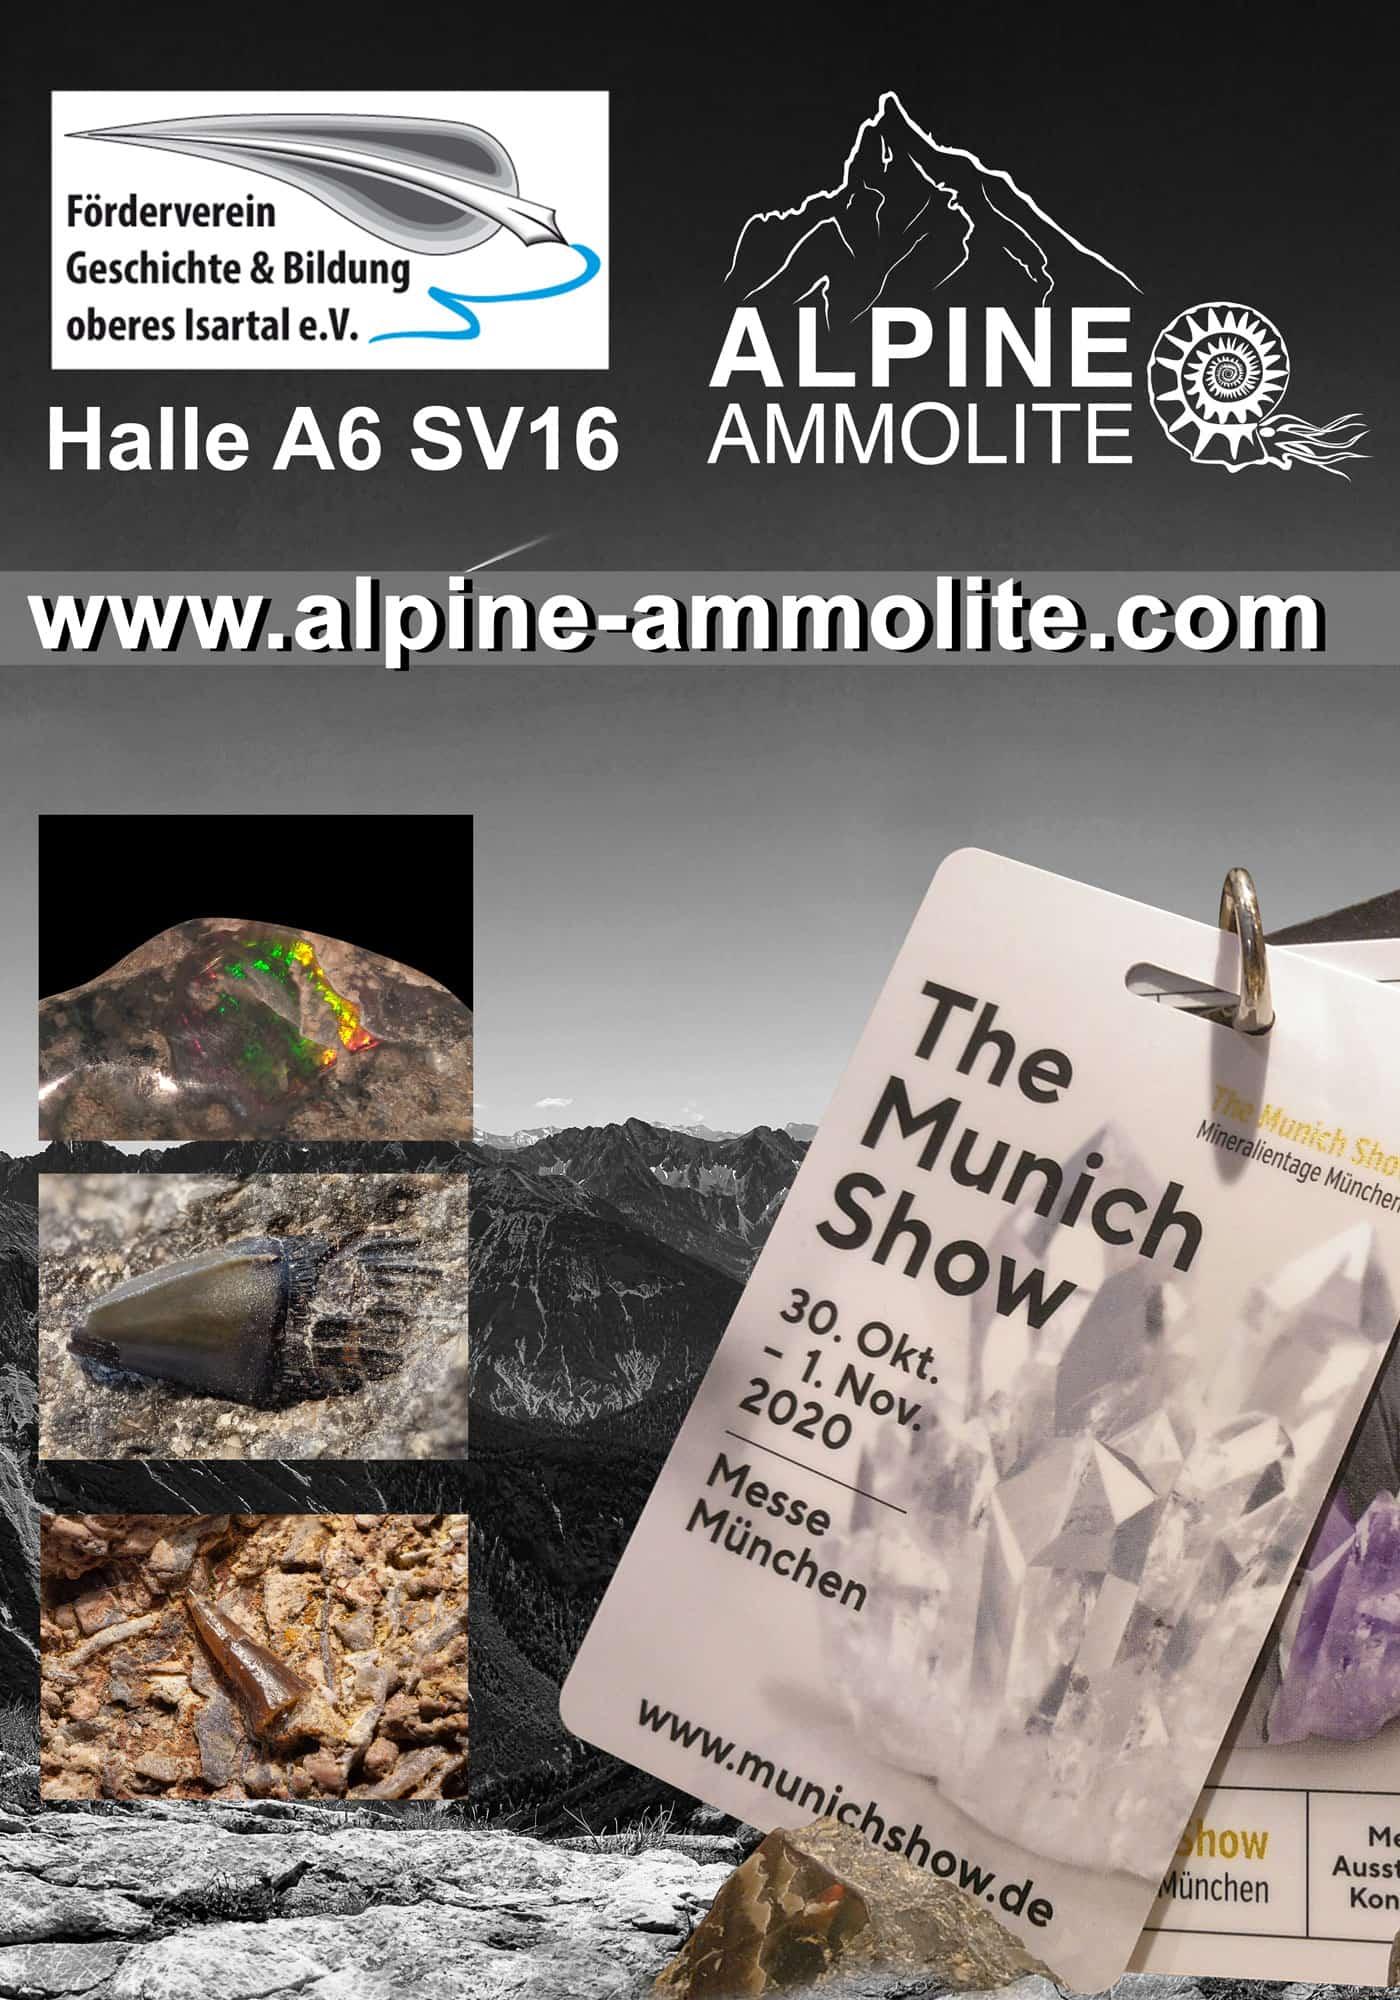 Mineralientage München